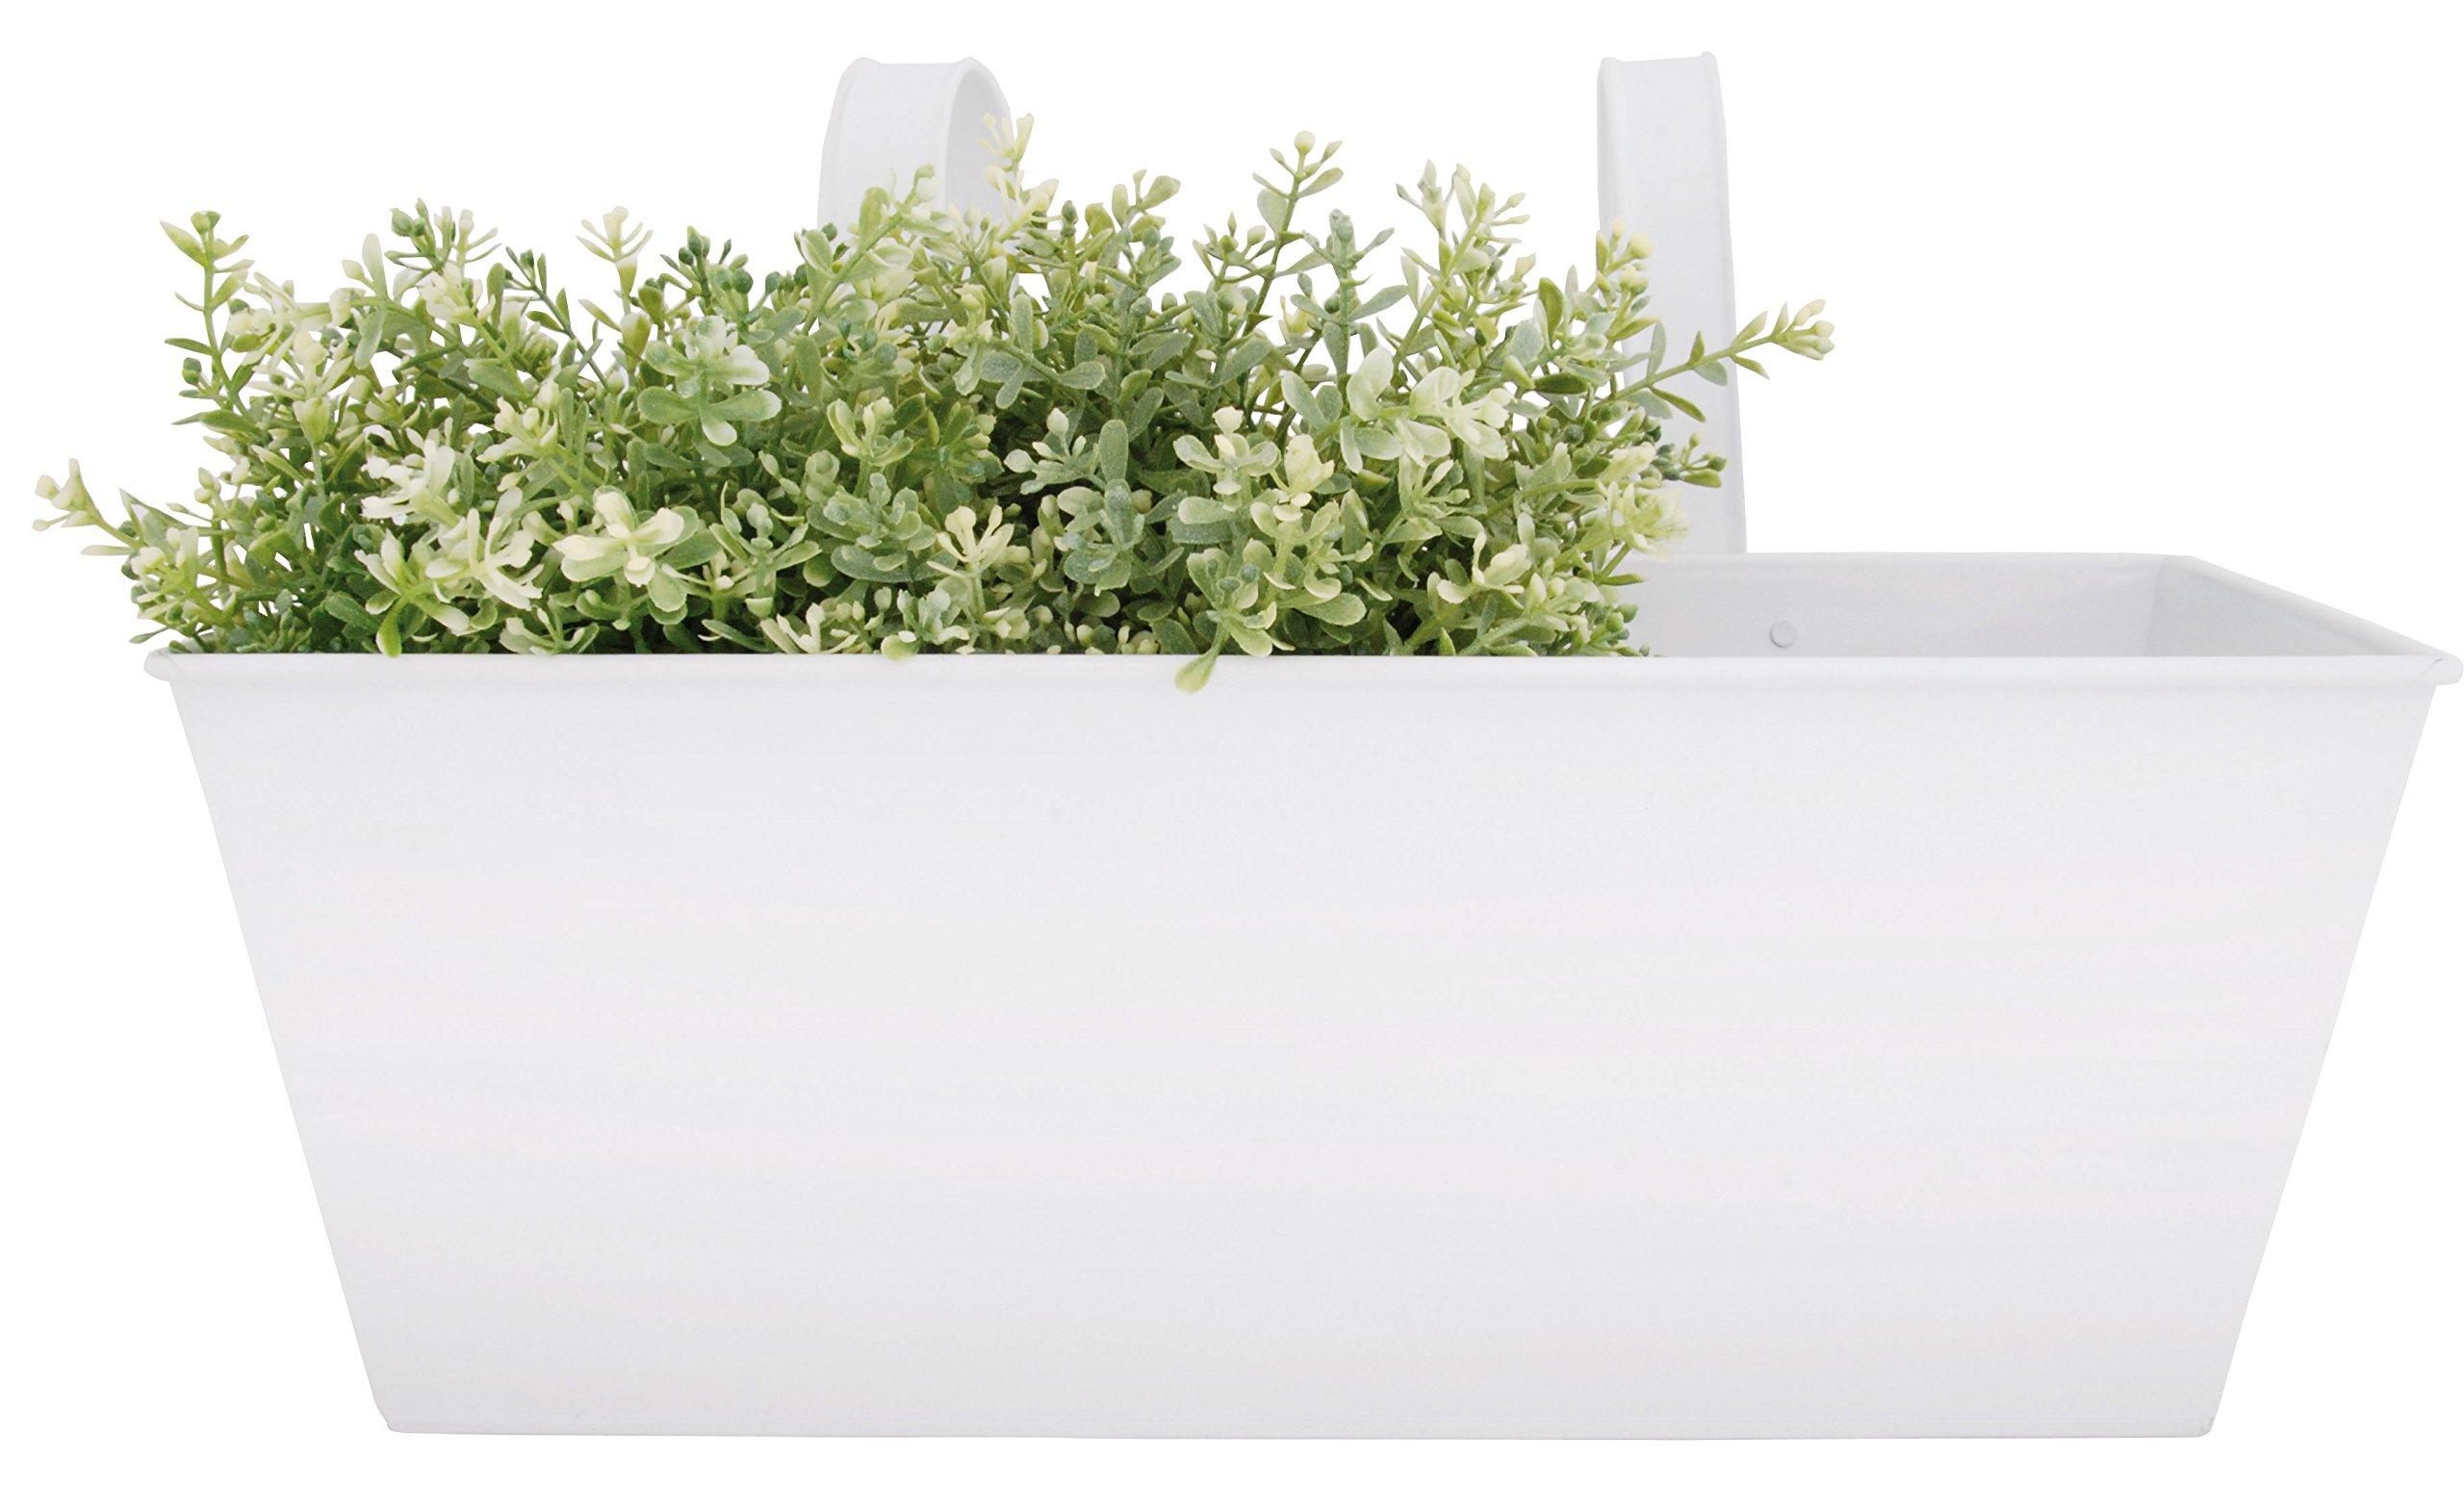 Esschert Design USA White Metal Rectangular Balcony Planter (RD24) by Esschert Design USA